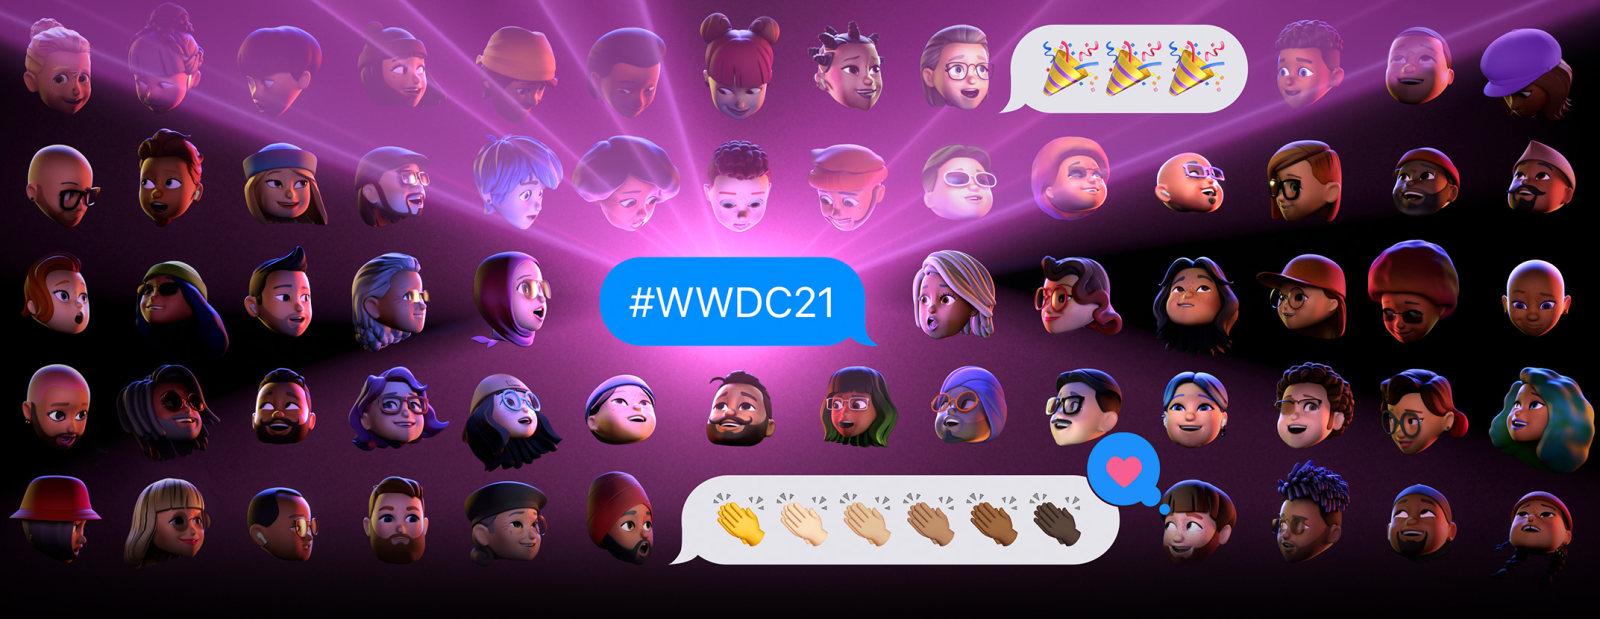 WWDC 2021 Keynote汇总:平稳升级、没有太大惊喜的一年